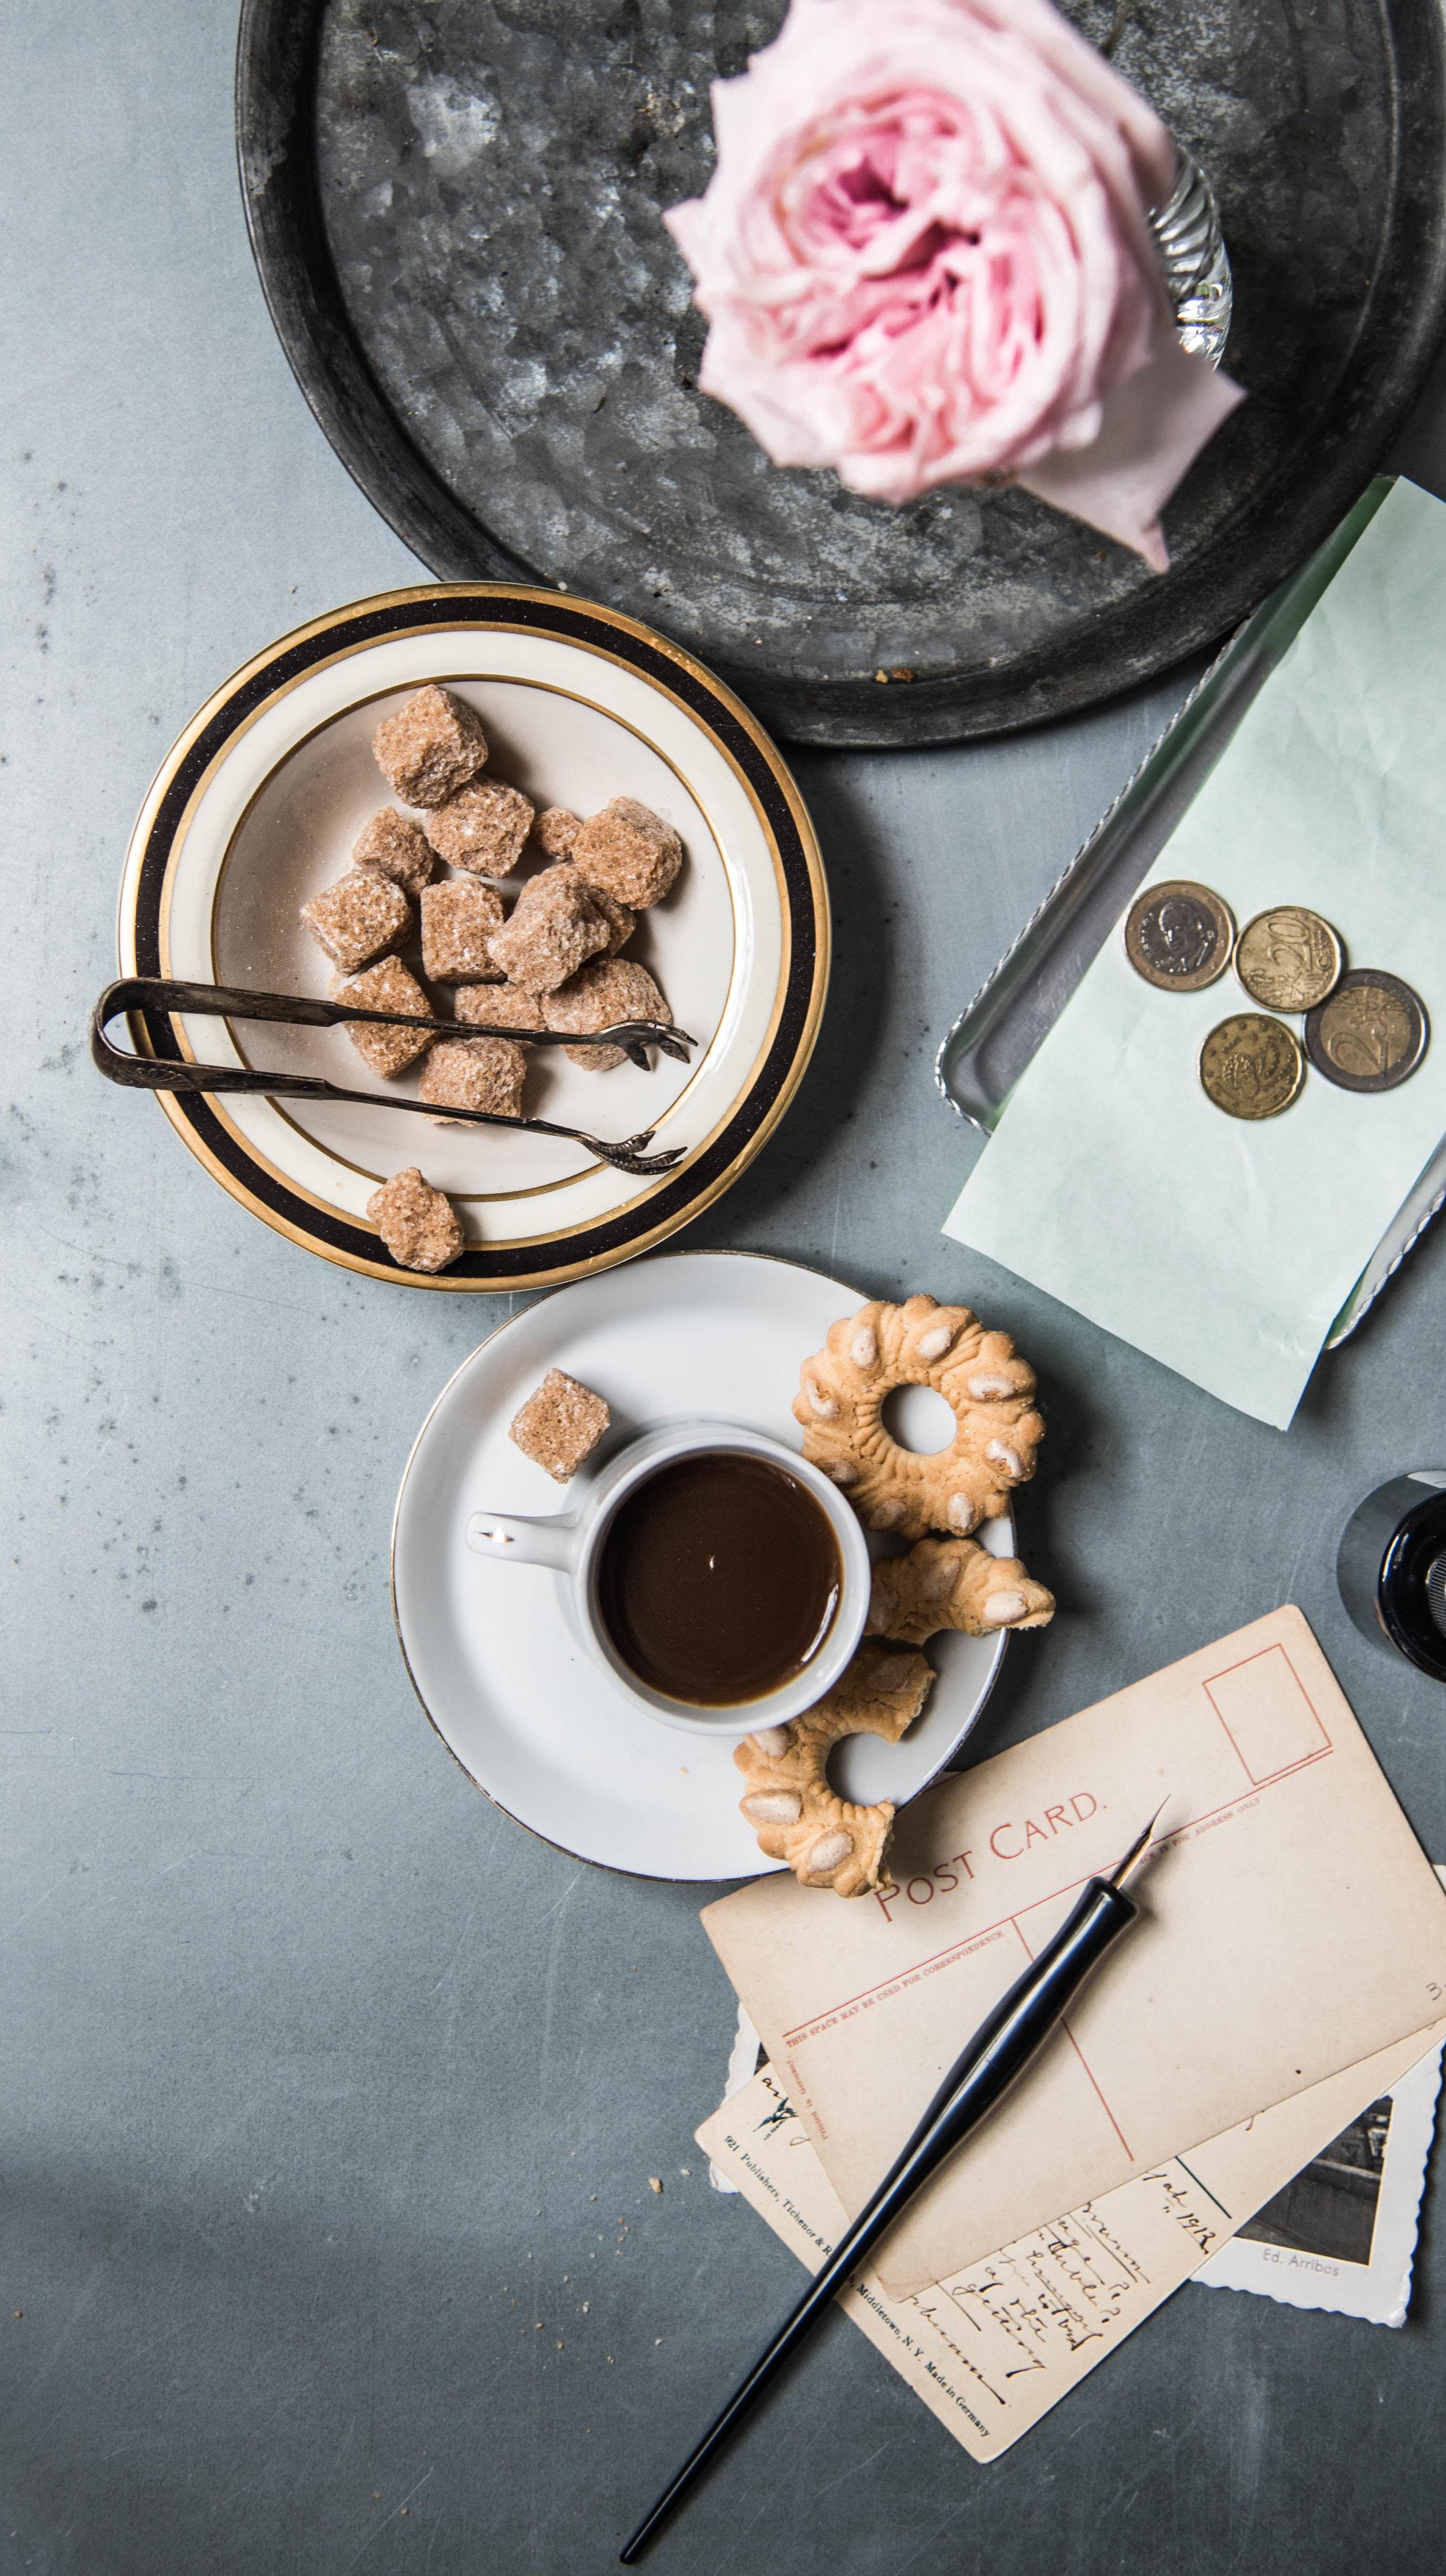 ROSE & IVY Journal New Cookbooks for Fall Tasting Rome